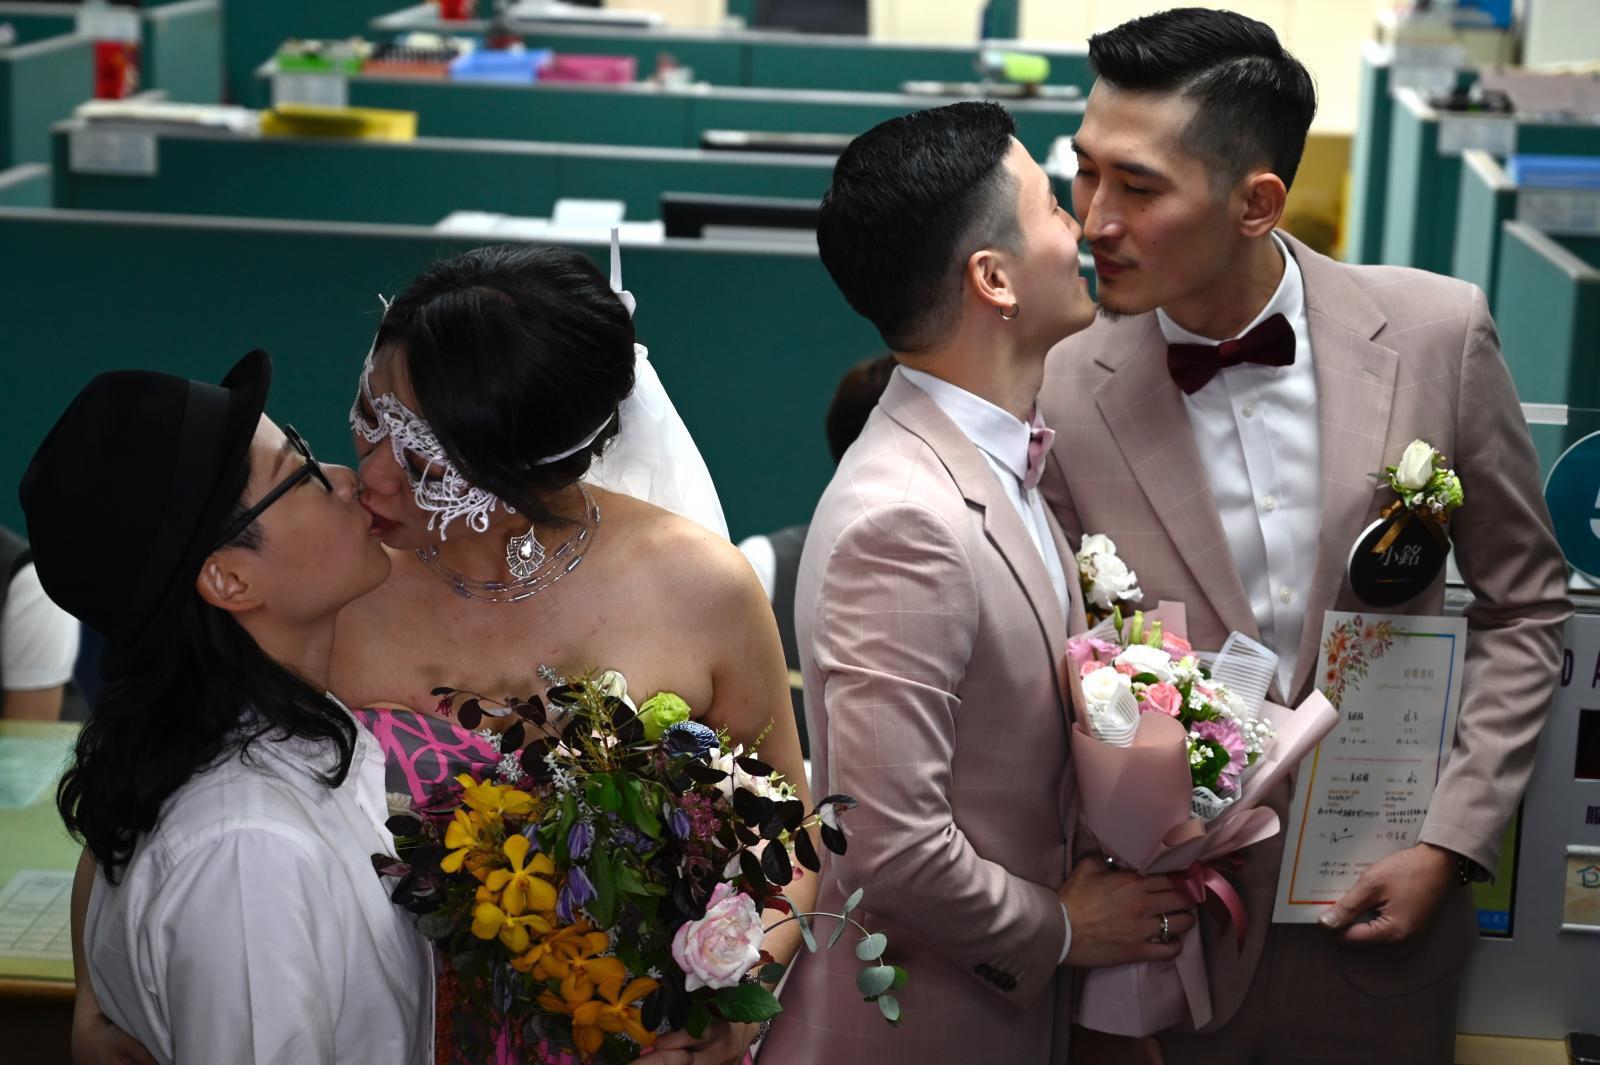 ไต้หวันจัดพิธีวิวาห์หมู่คู่รักเพศเดียวกัน